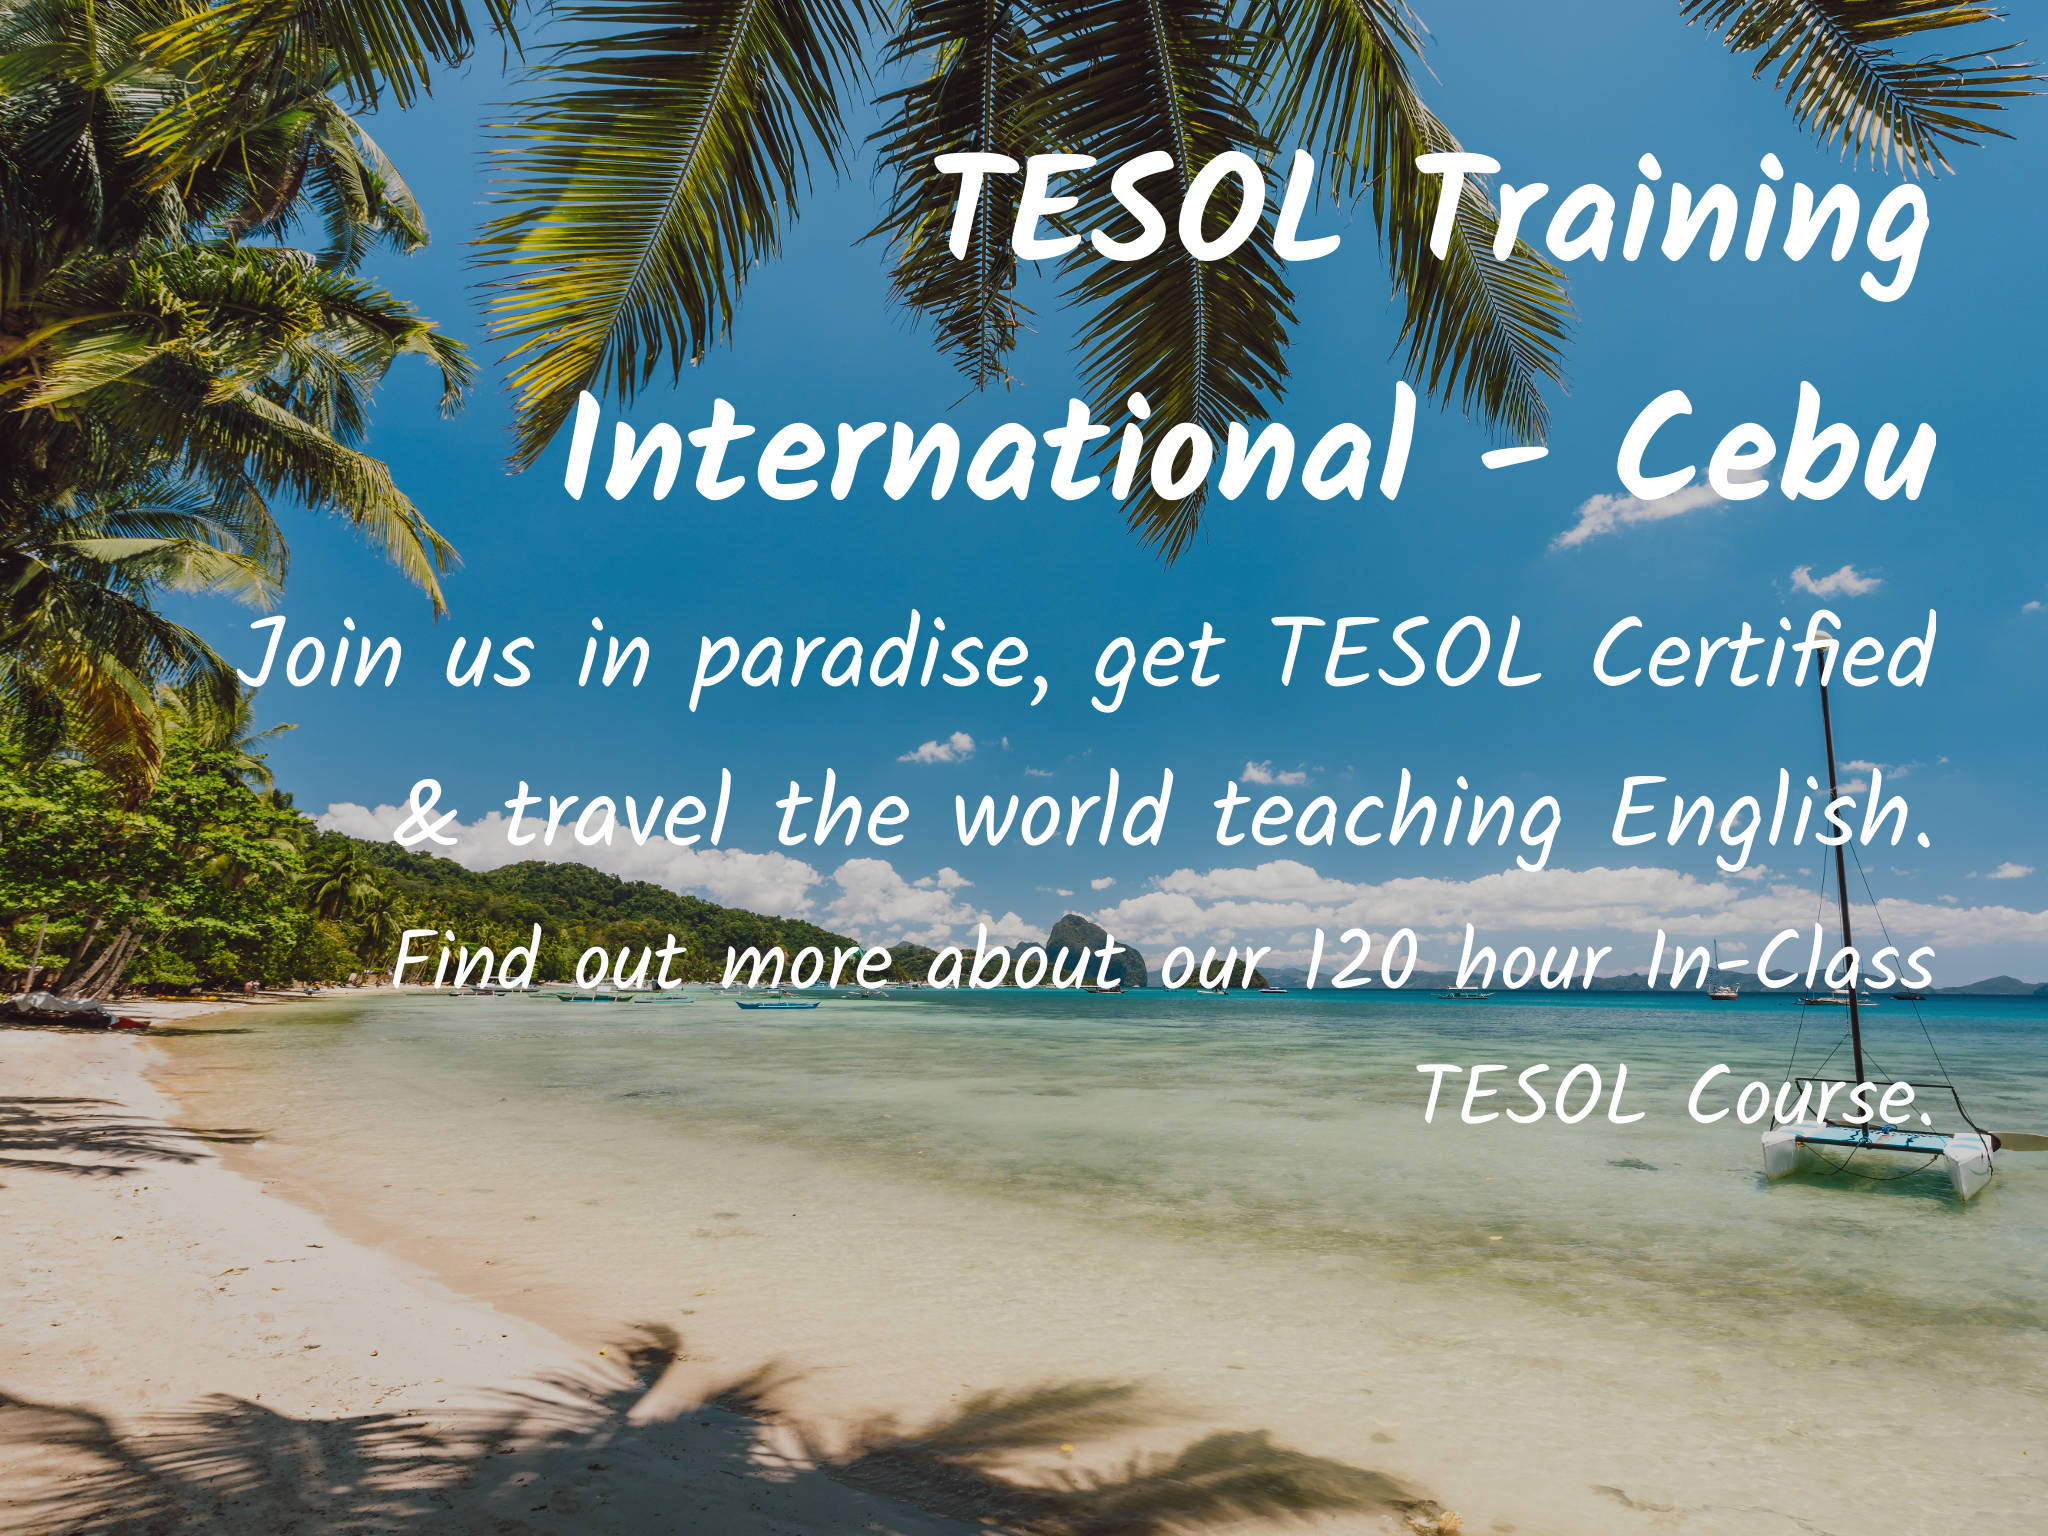 120 Hour TEFL / TESOL Course | TESOL Training International Cebu